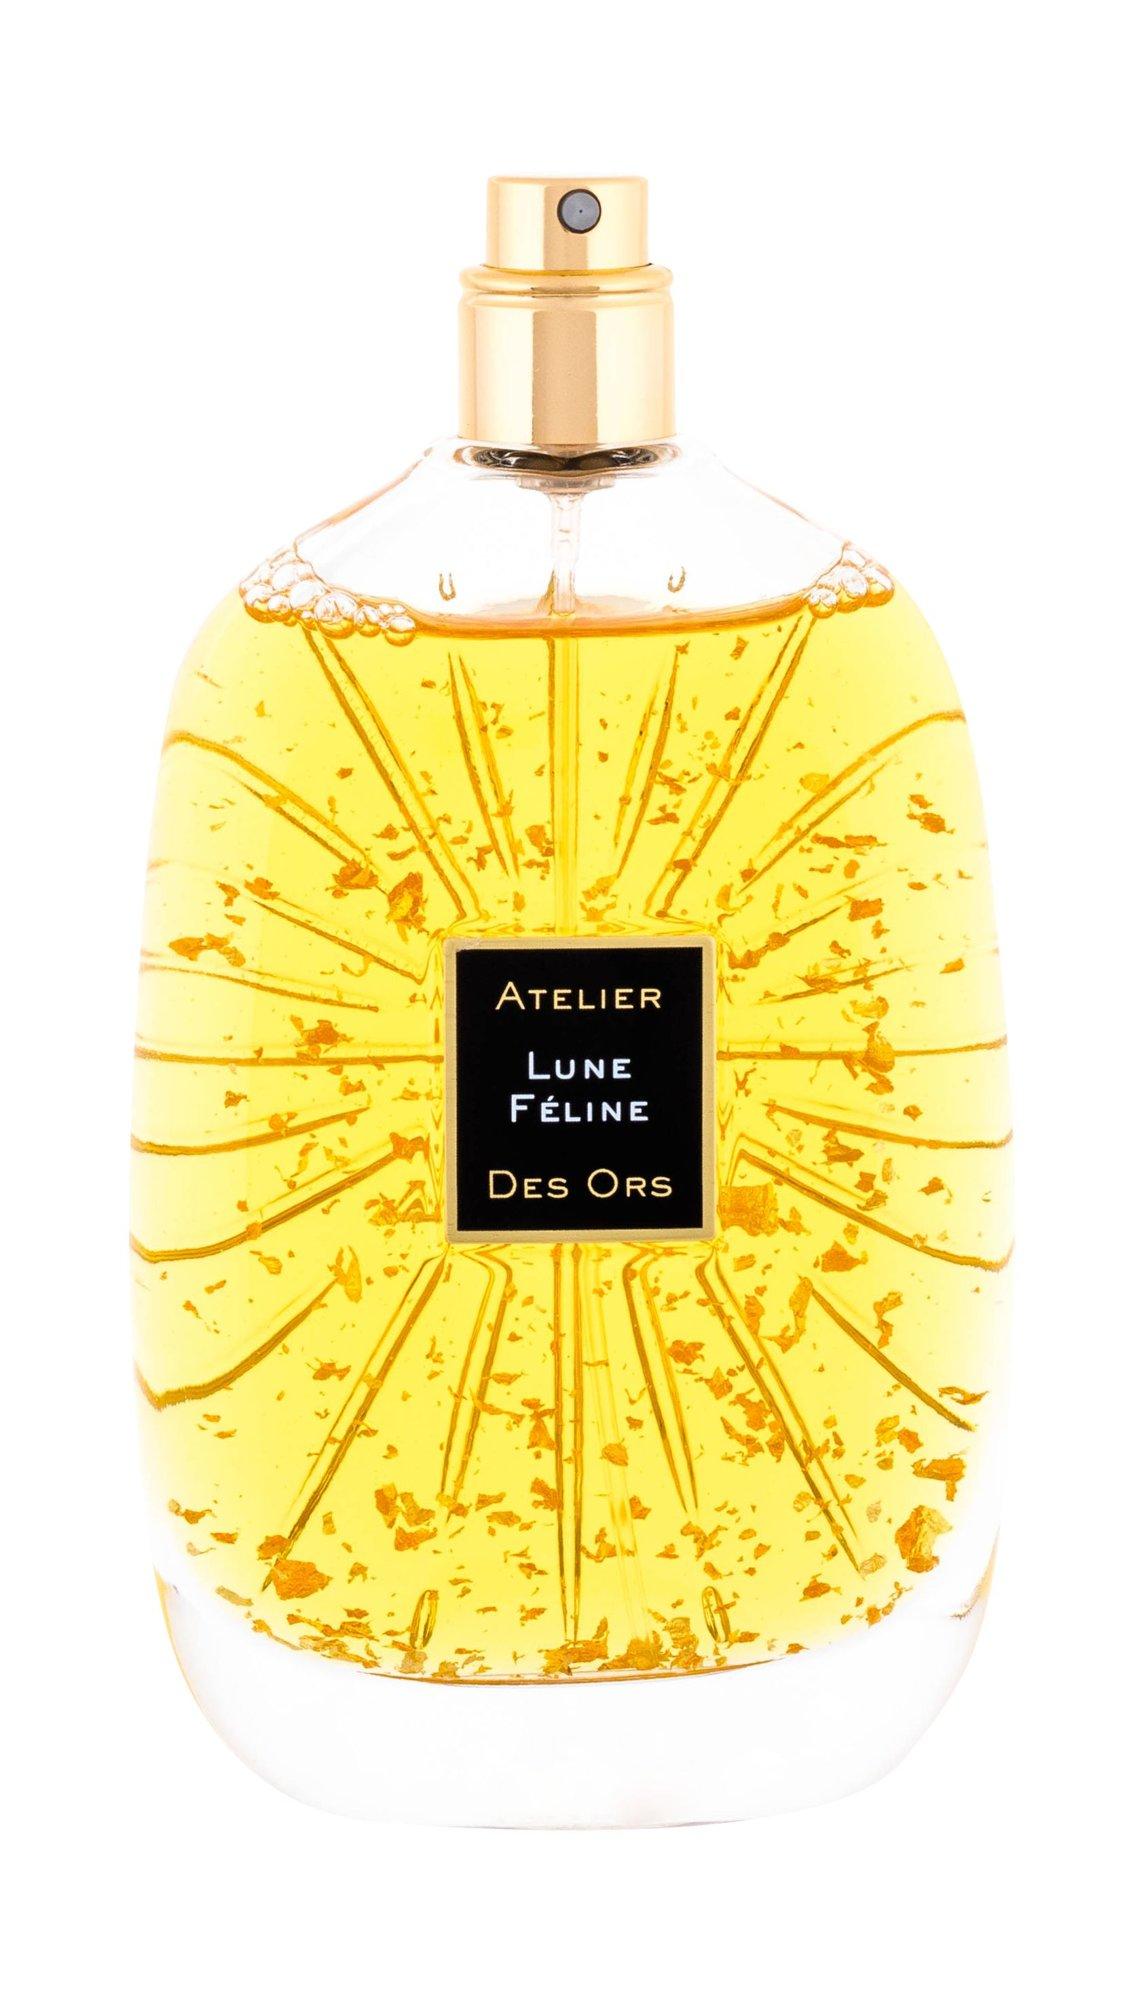 Atelier des Ors Lune Féline Eau de Parfum 100ml